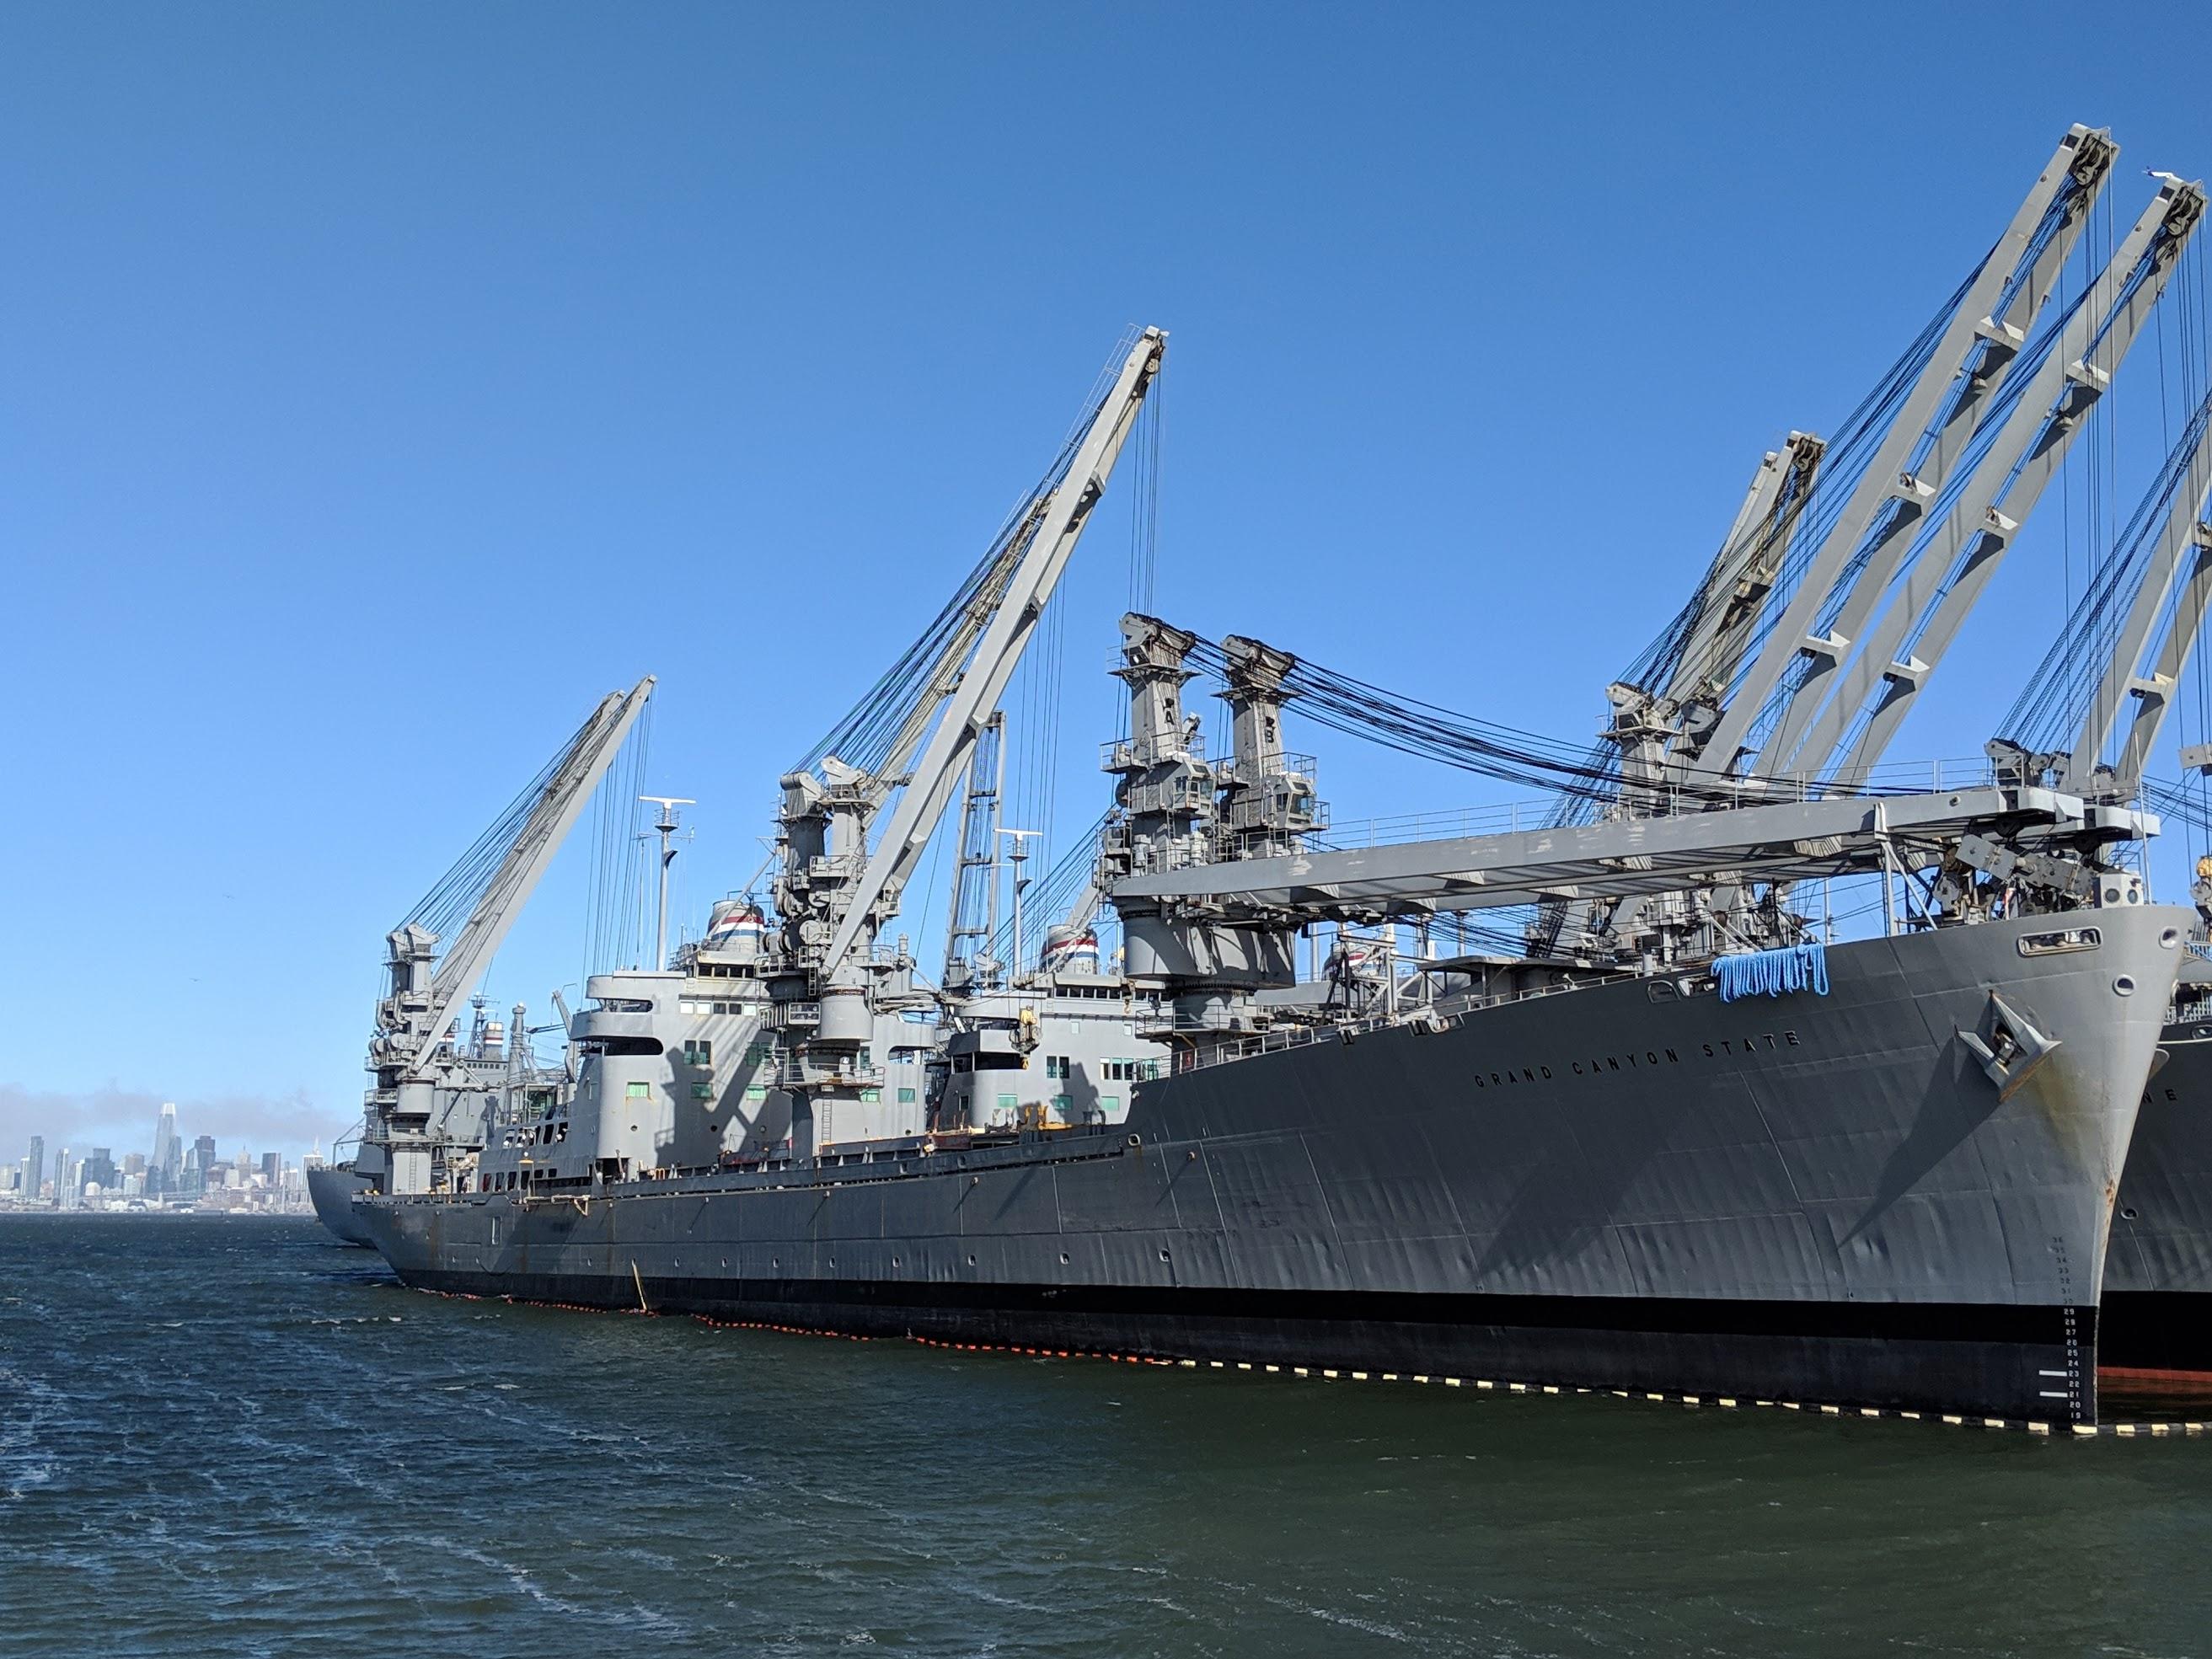 Alcune navi militari non più in uso parcheggiate nel porto militare di Alameda. L'intera zona del porto militare e dell'aeroporto militare offre la possibilità ai runners di improvvisare interessanti percorsi che si muovono tra i vecchi hangars.